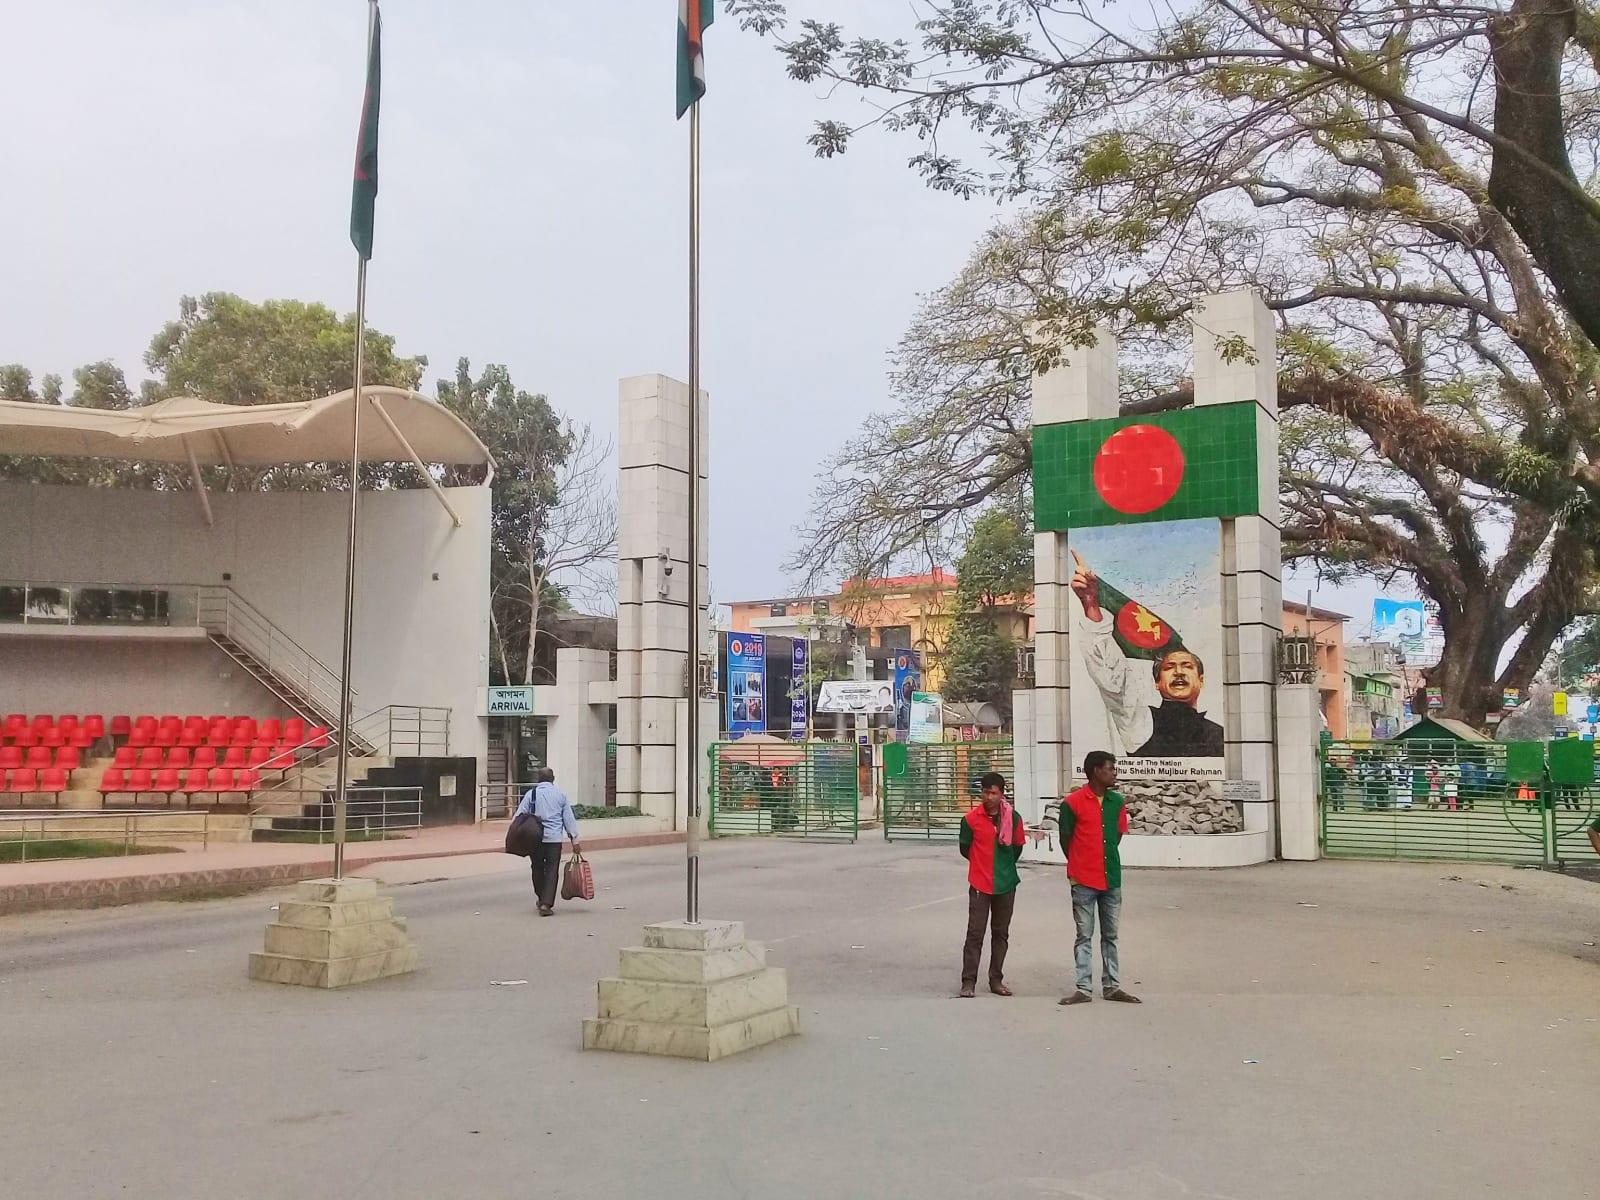 Na hranici - v popředí nosiči zavazadel v národních barvách, v pozadí pod vlajkou Mudžíbur Rahmán, Bangladéš